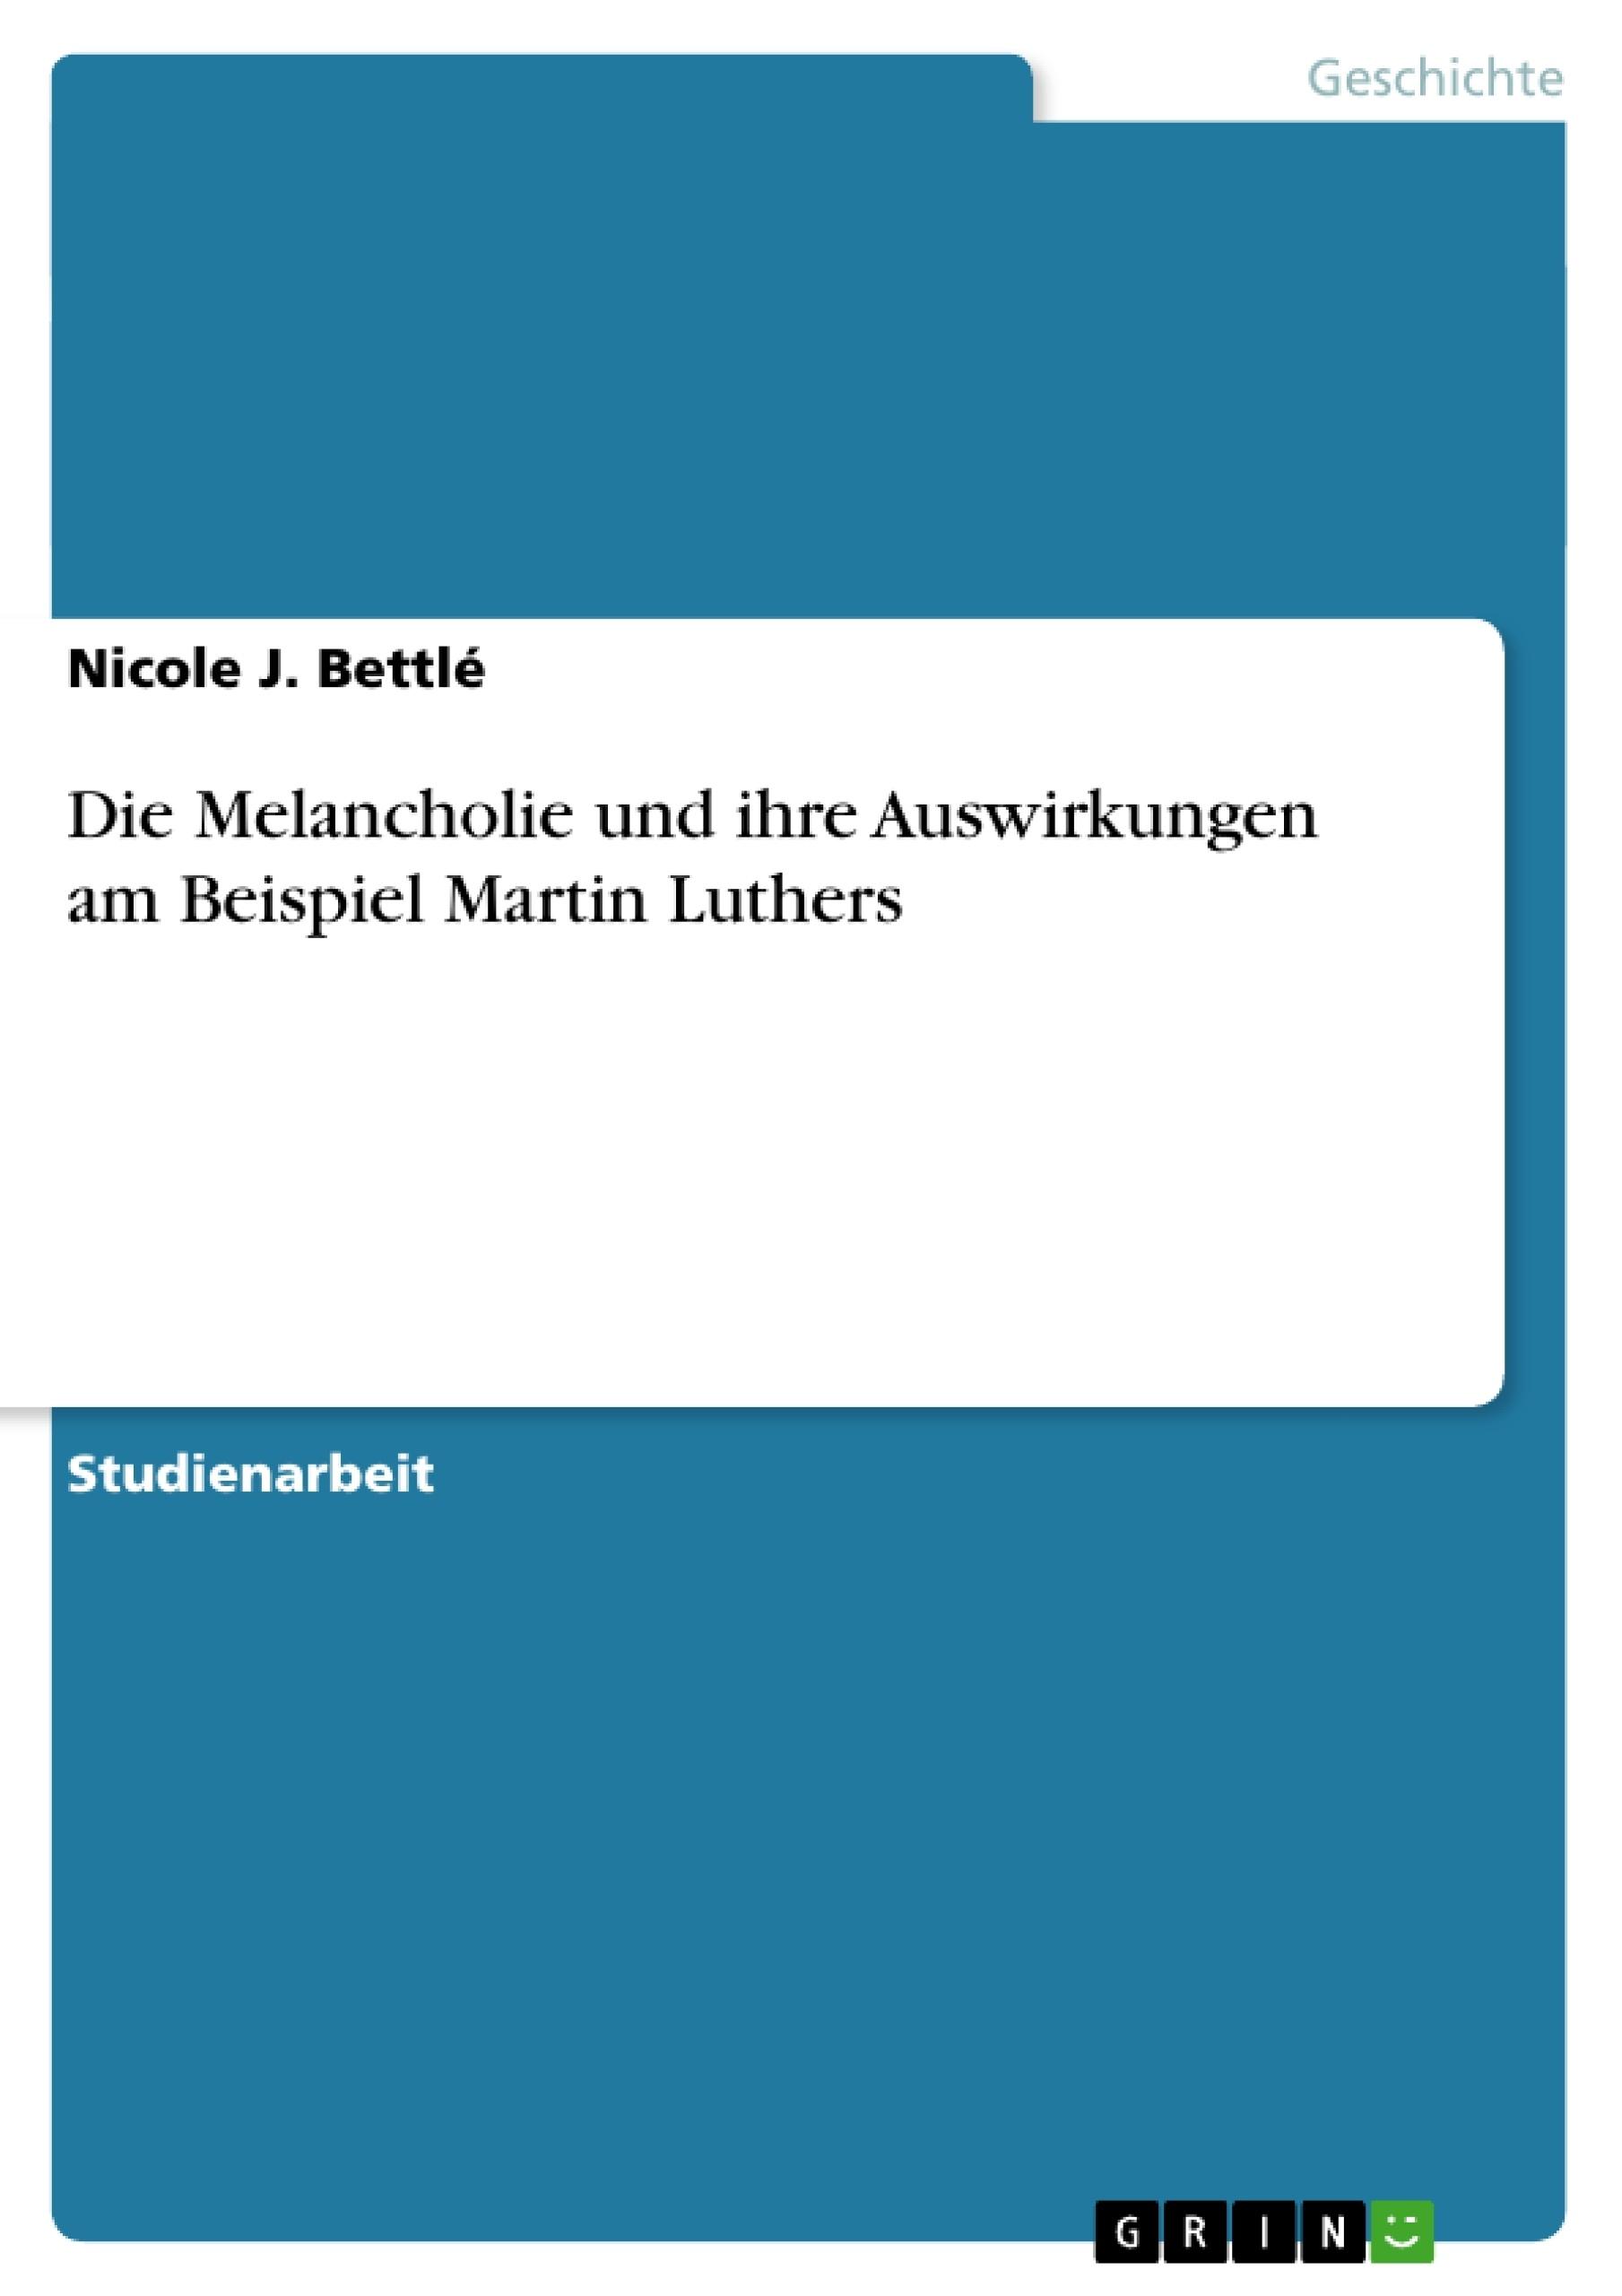 Titel: Die Melancholie und ihre Auswirkungen am Beispiel Martin Luthers